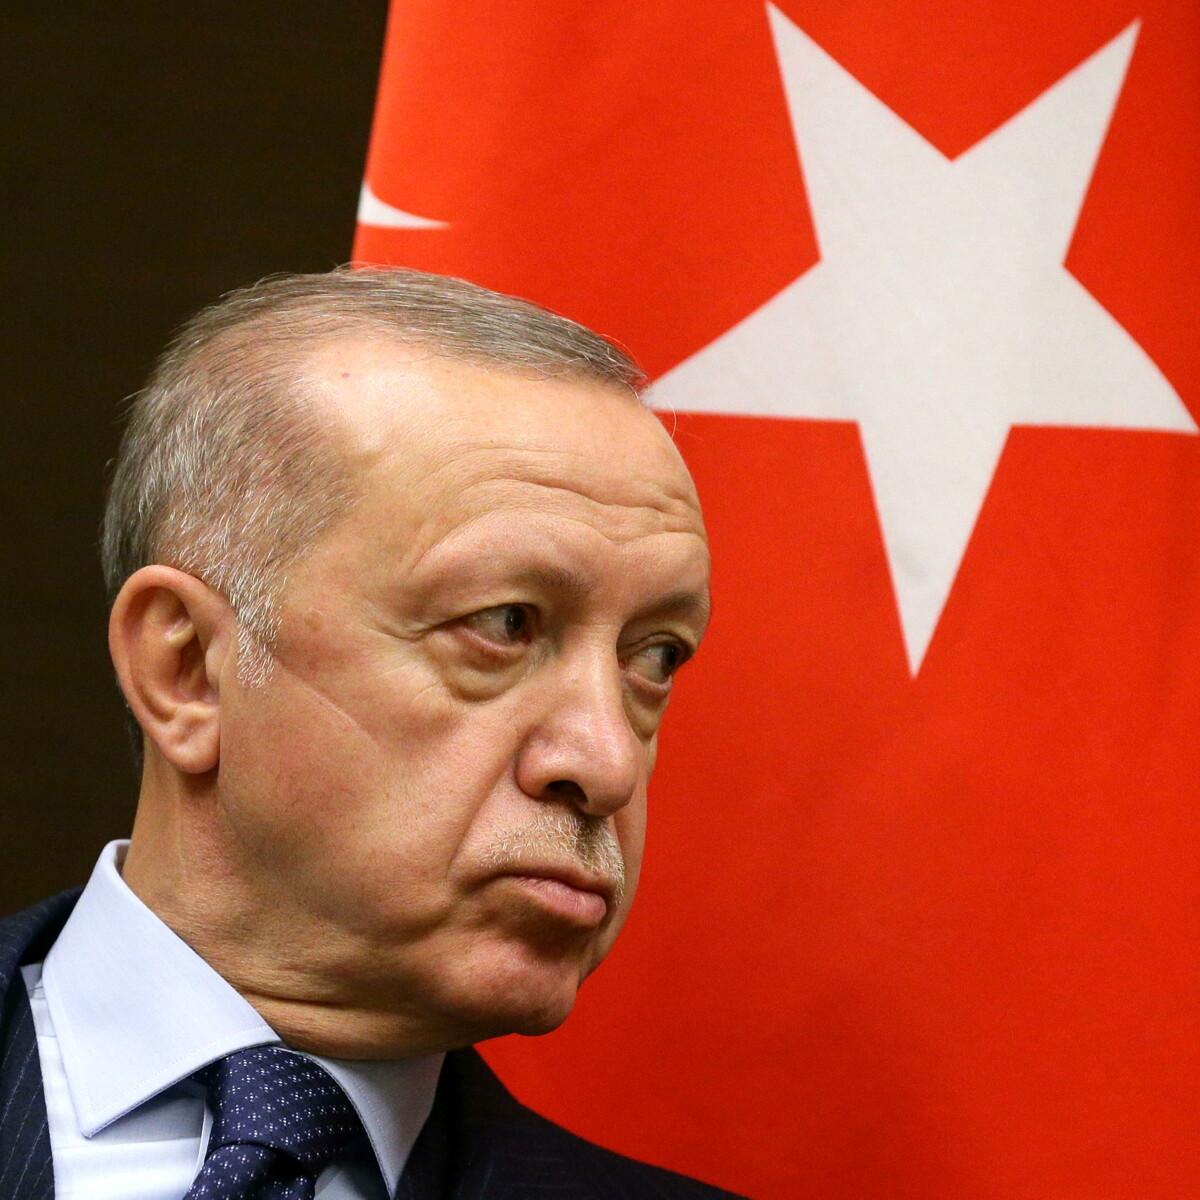 Turchia pronta ad espellere 10 ambasciatori: che succede se Erdogan va fino in fondo